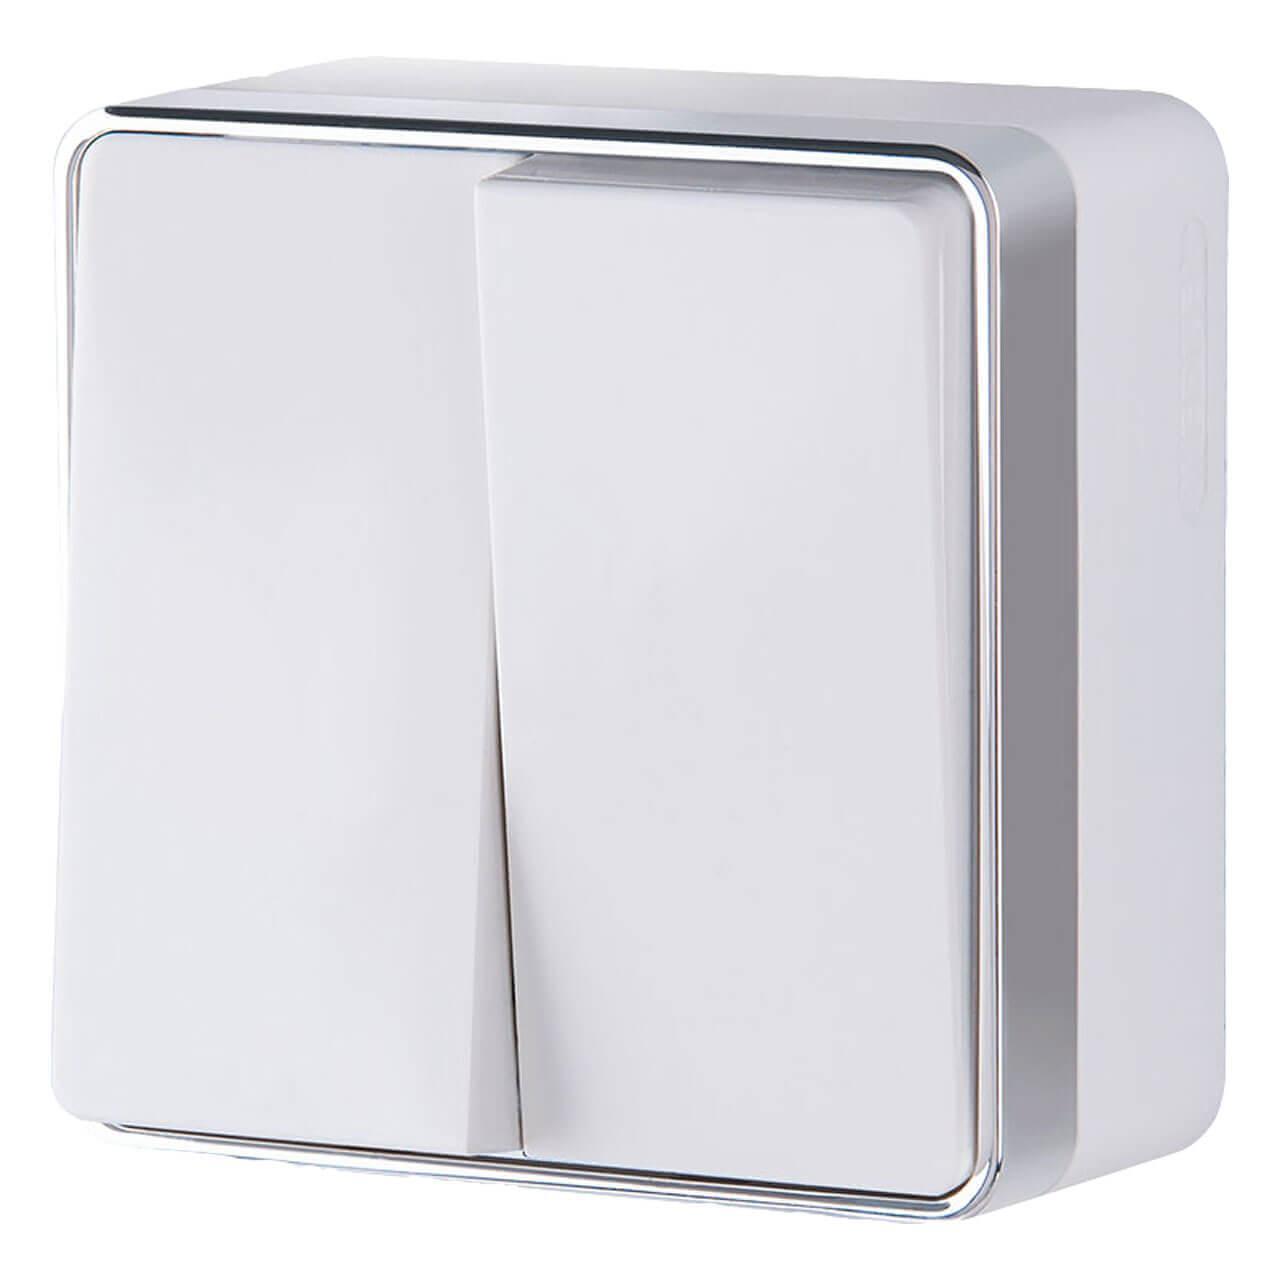 Выключатель Werkel двухклавишный Gallant белый WL15-03-01 4690389102059